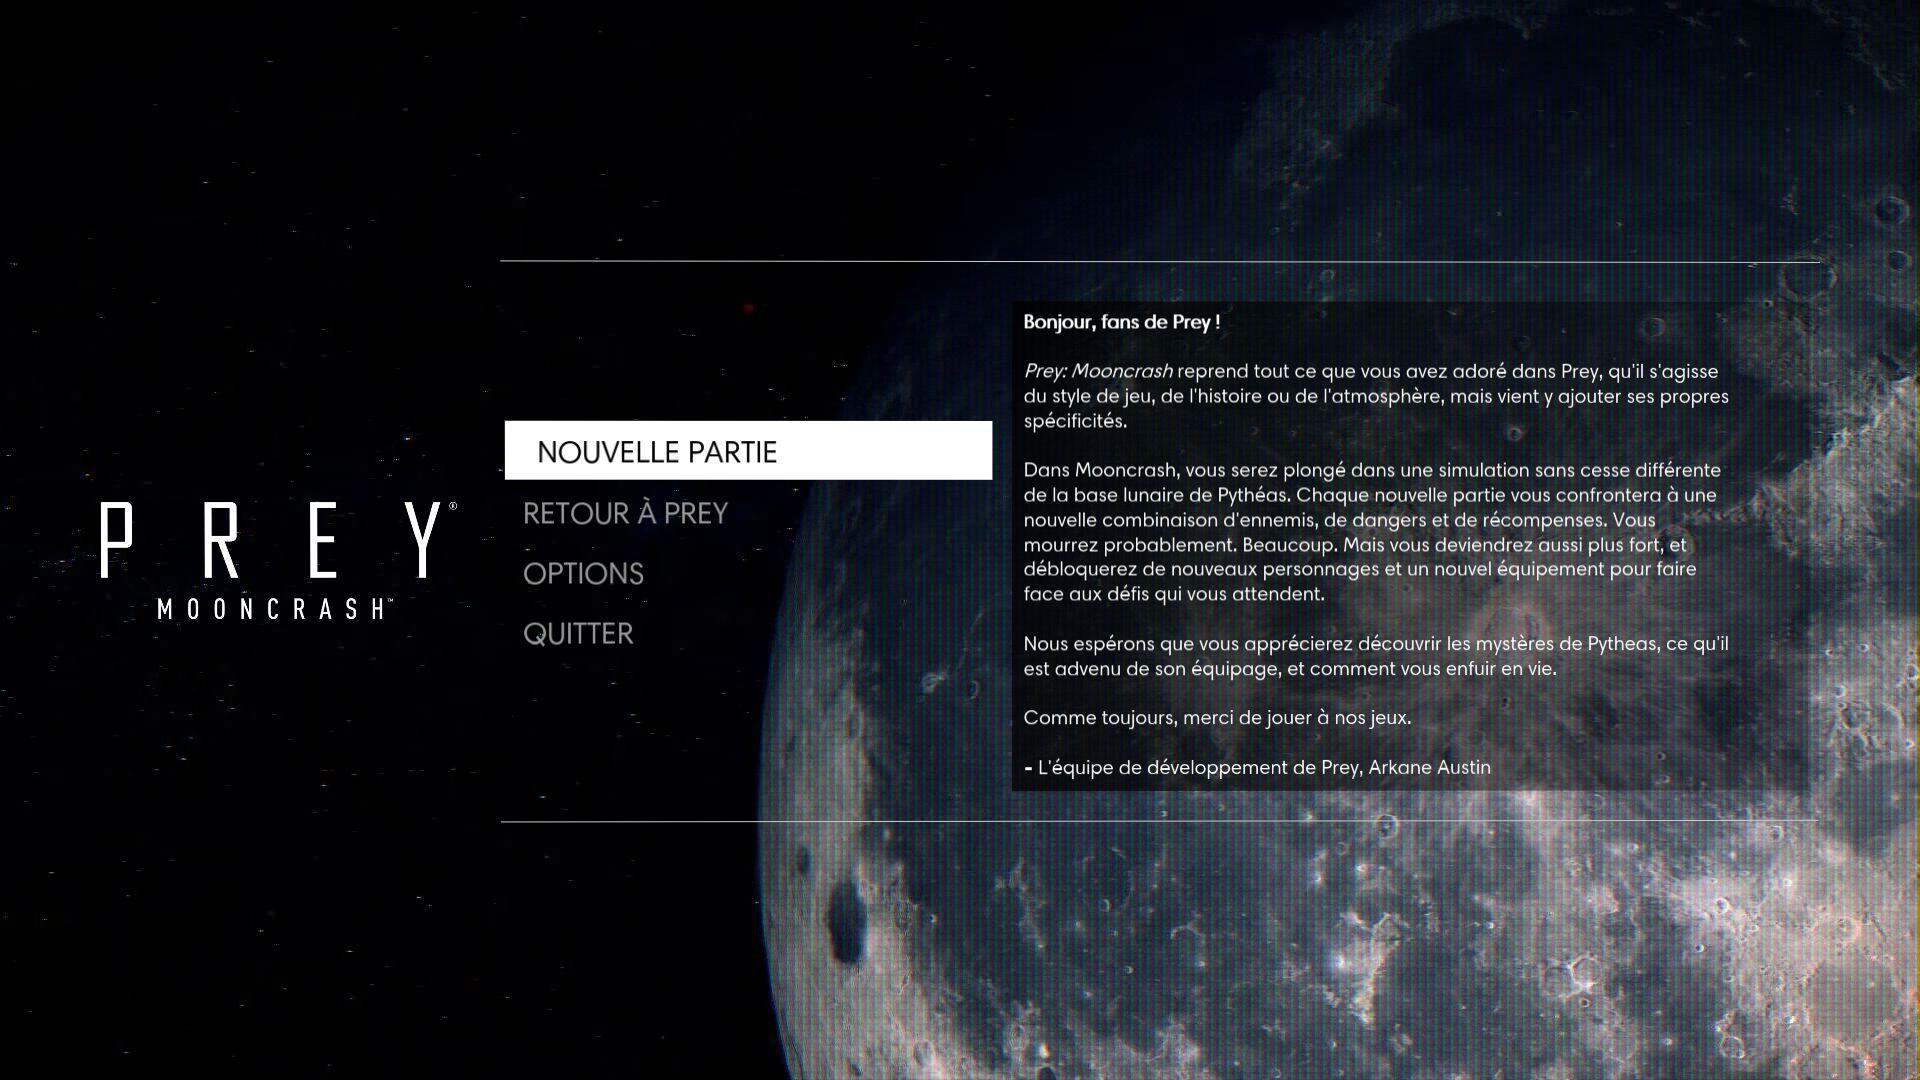 Prey Mooncrash Survivrez Vous A La Simulation Game Guide